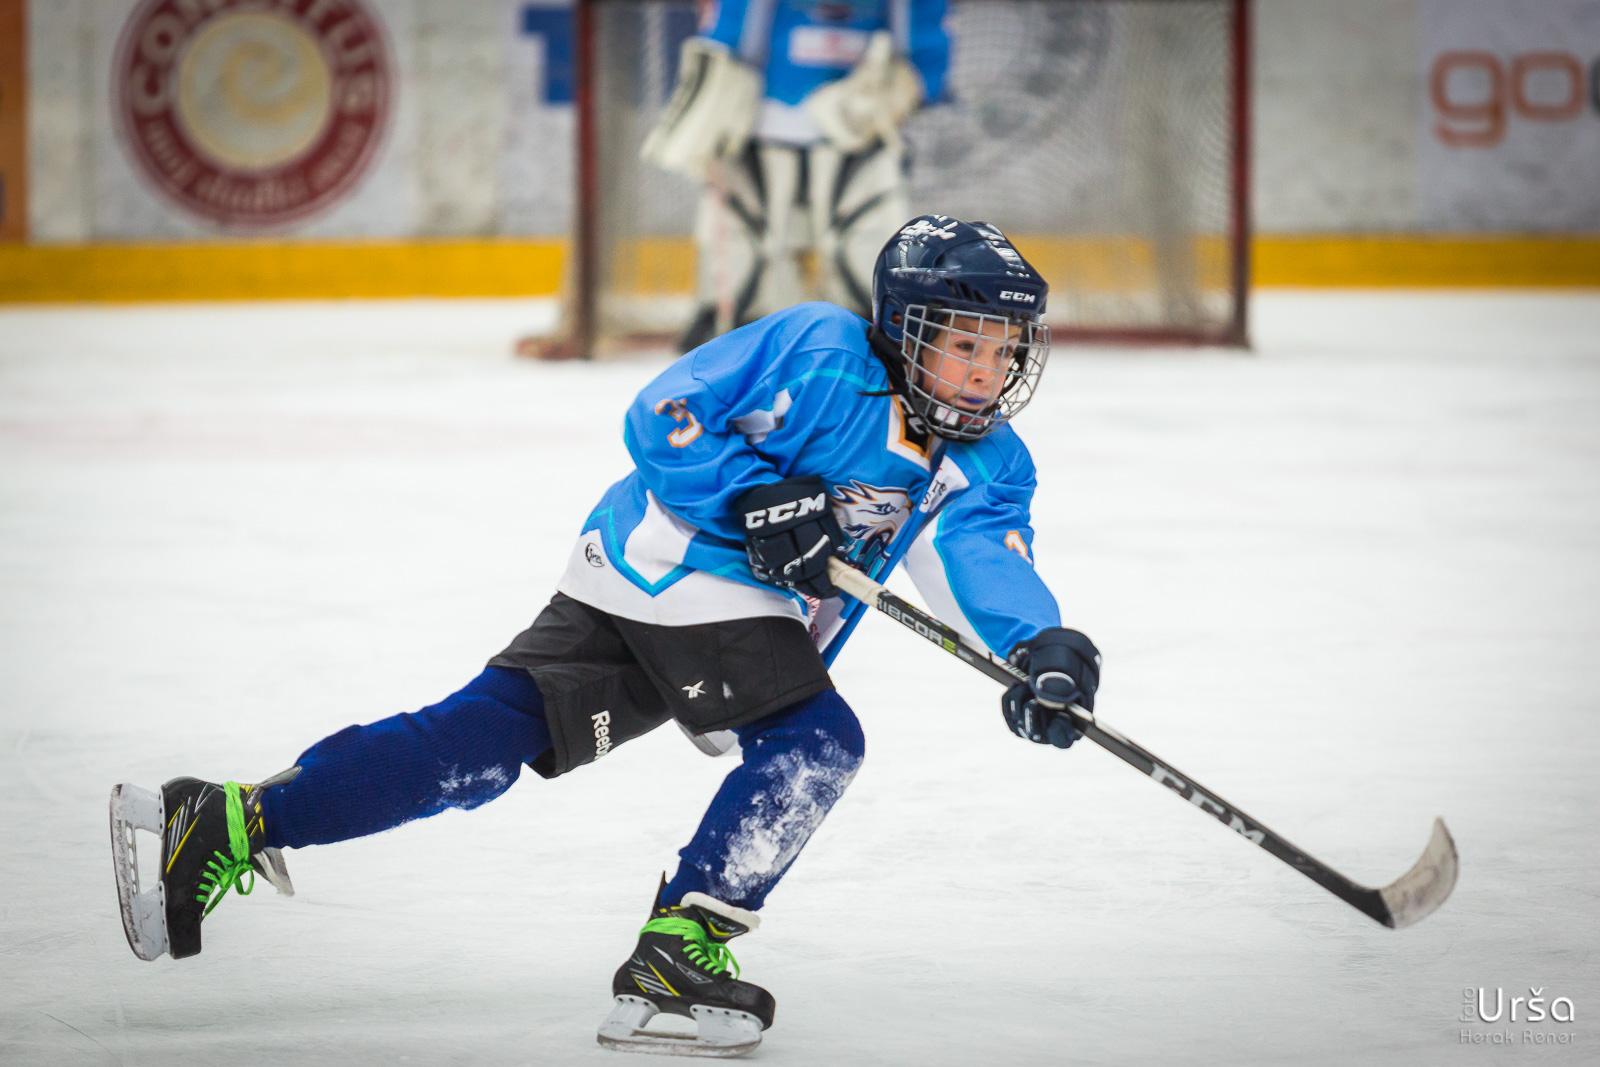 Turnir hokejskih šol na Jesenicah, 18.11.2018